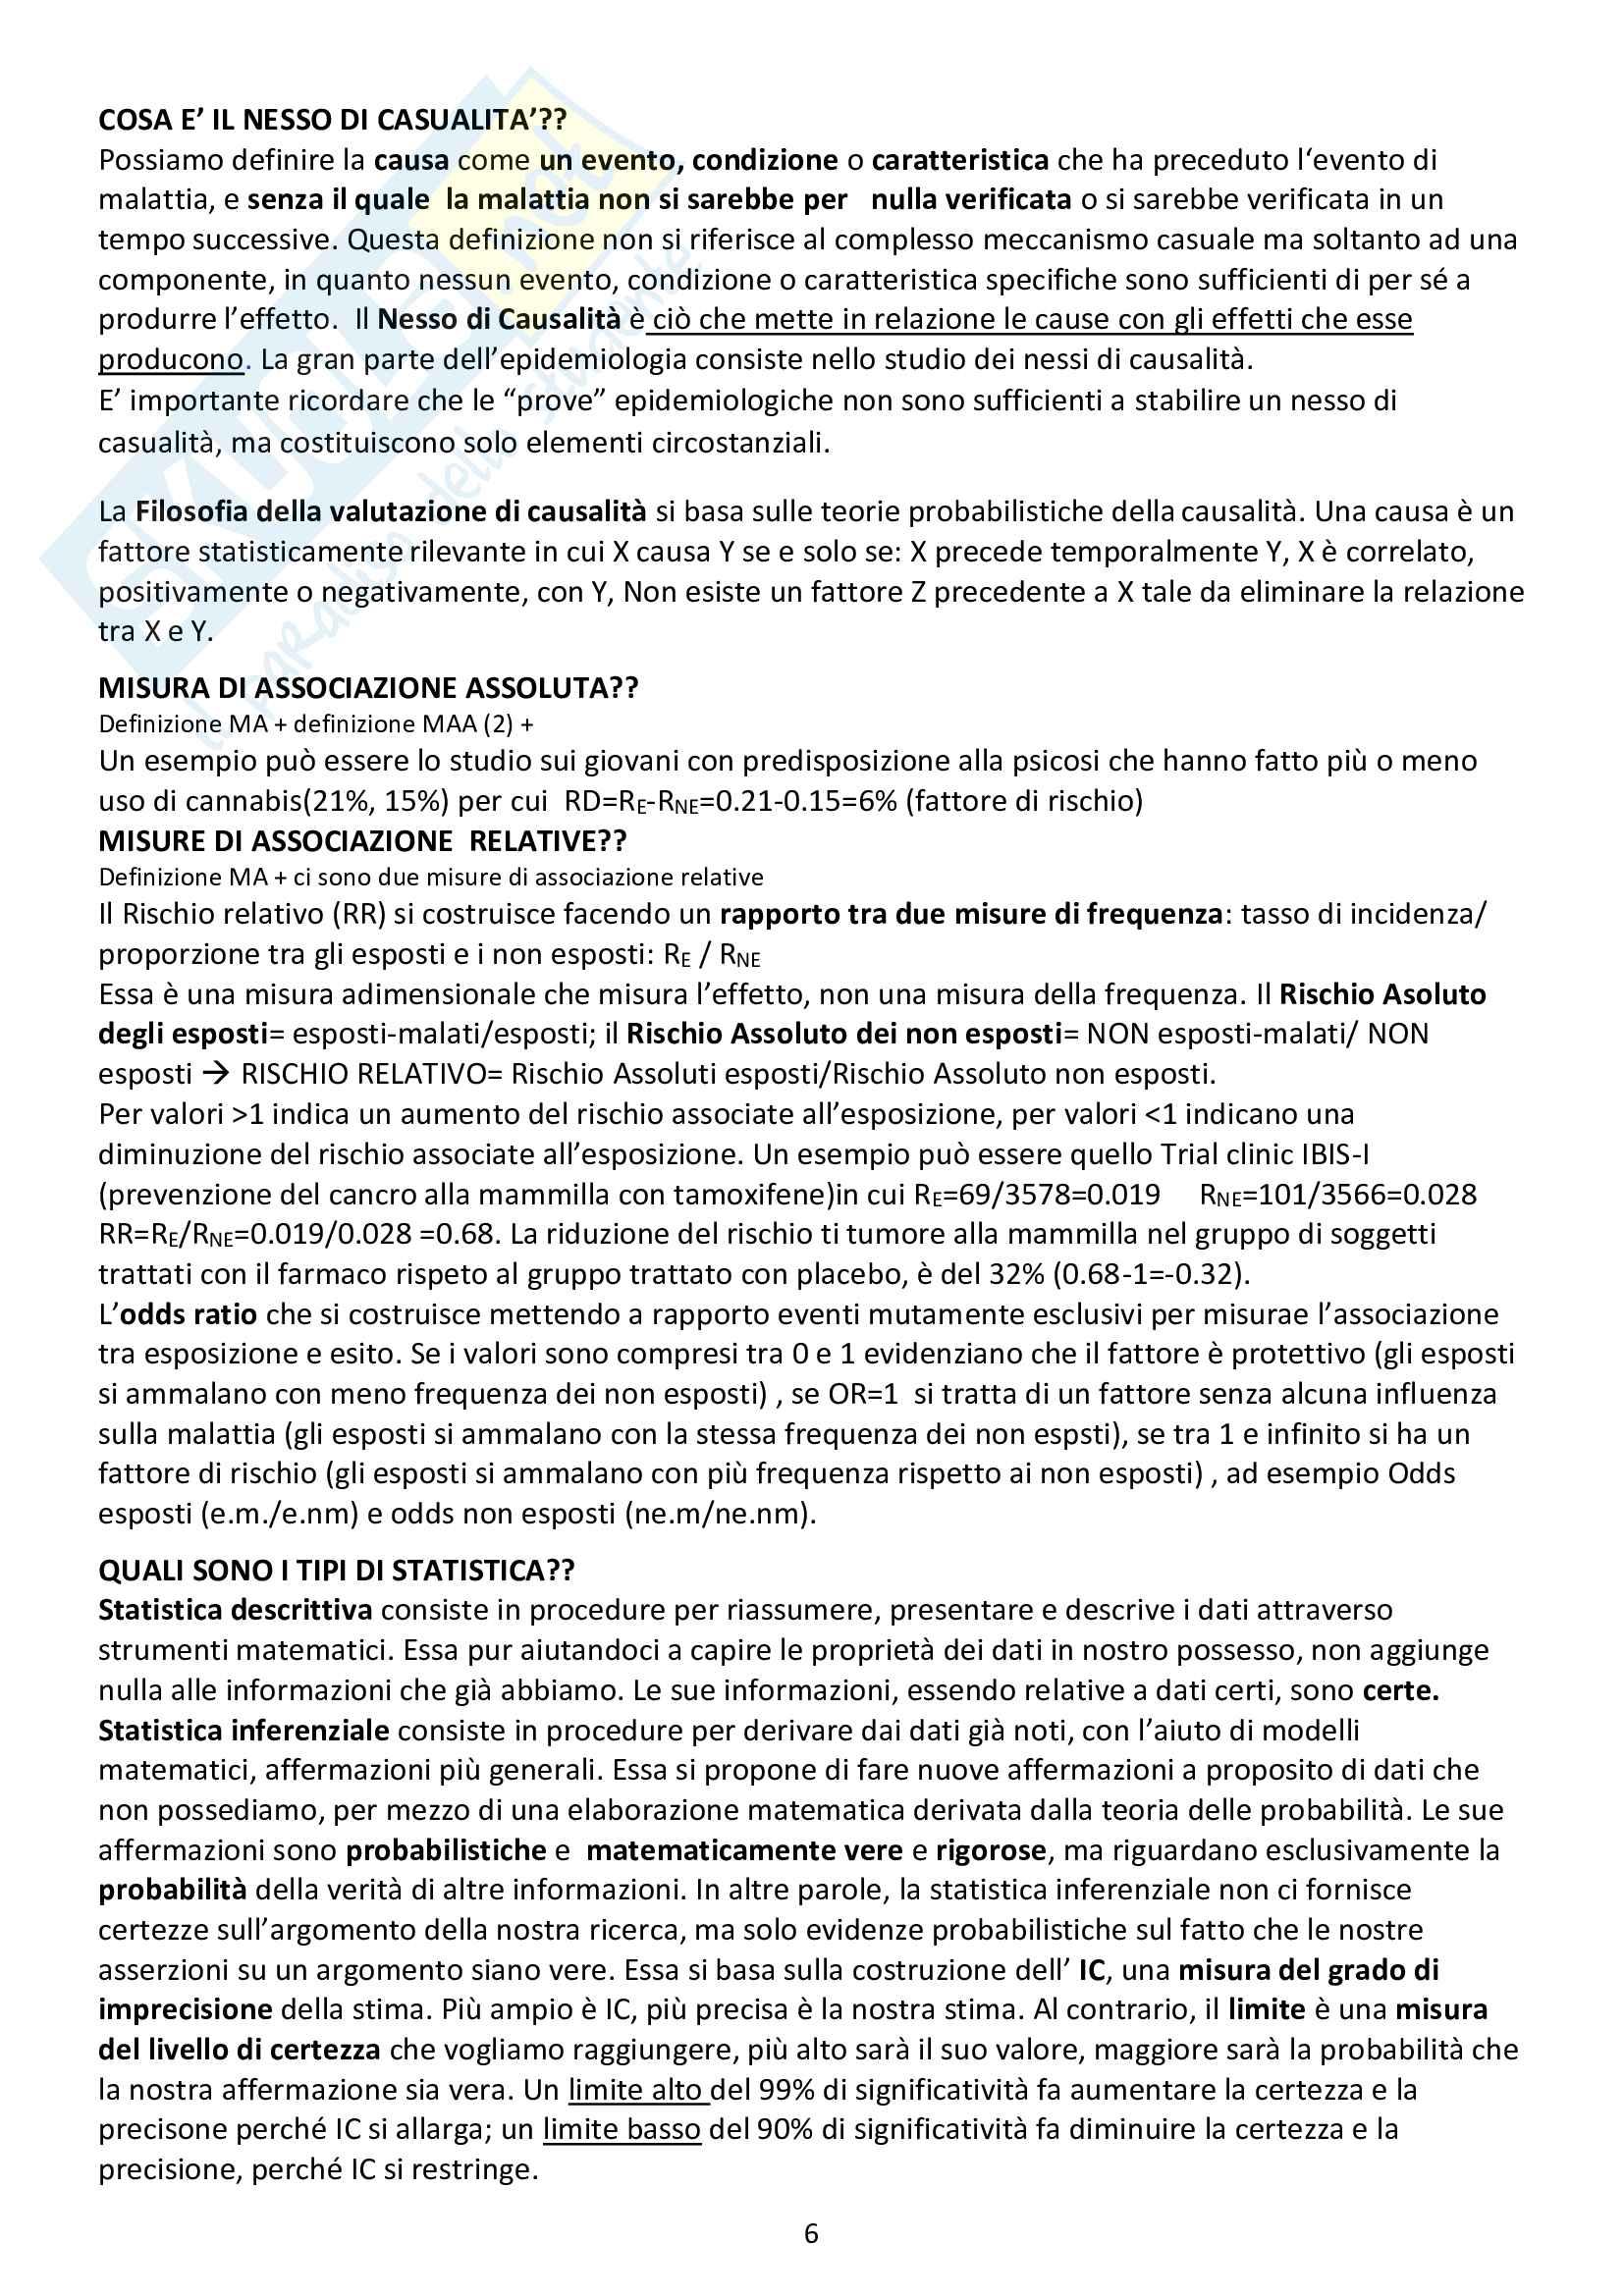 Epidemiologia- 122 Domande d'esame con risposta Pag. 6